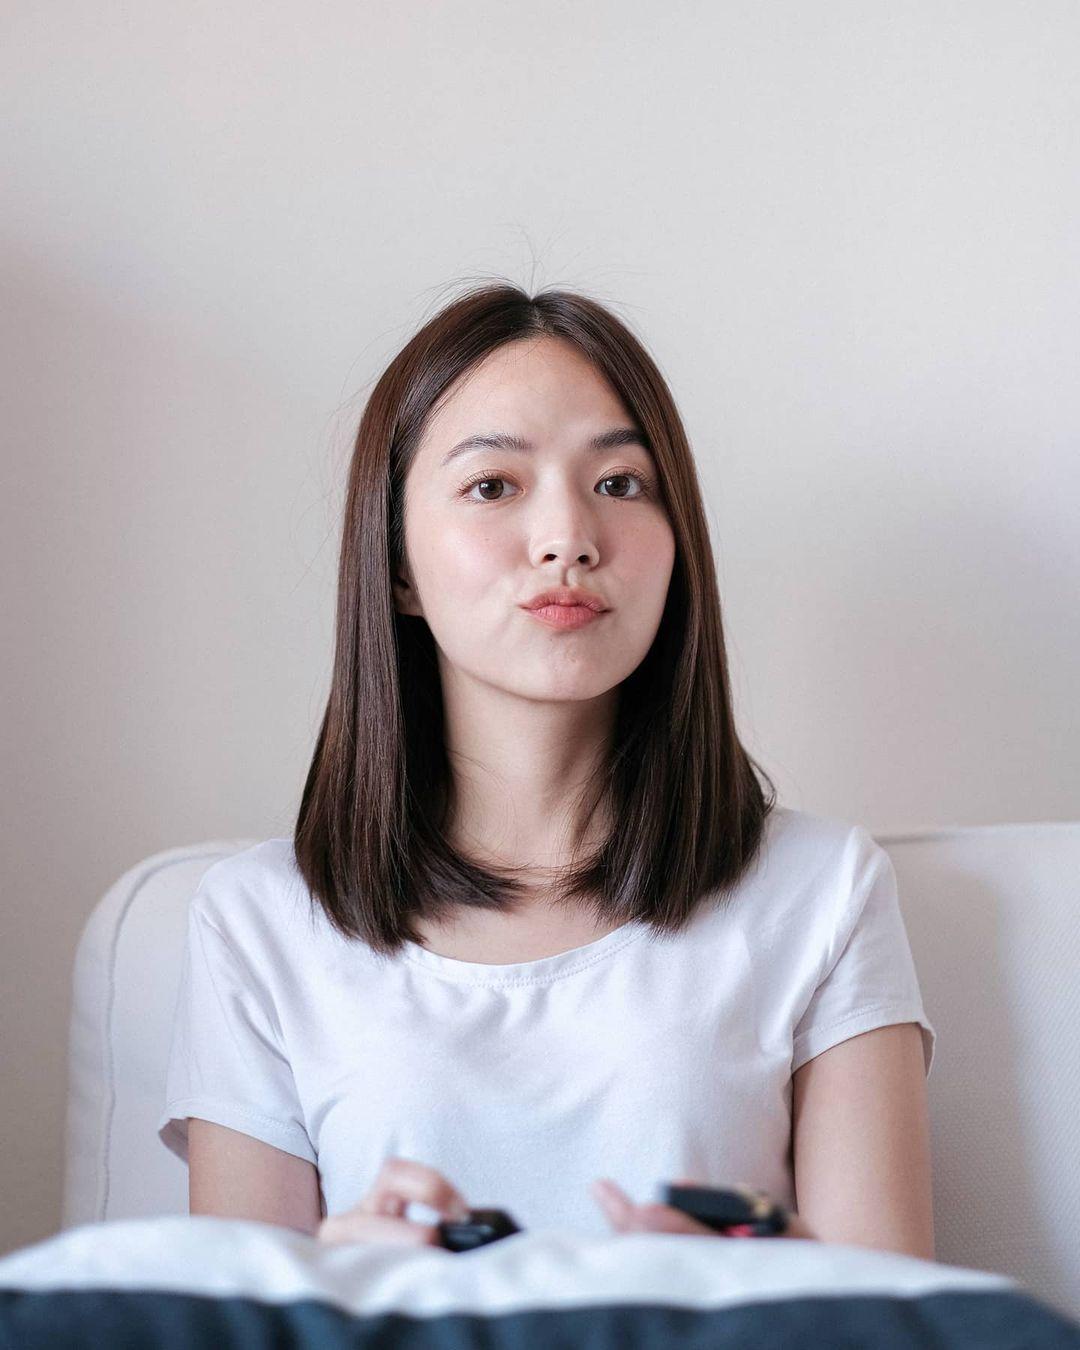 Học style tóc của gái Hàn chán chê rồi, bạn hãy thử tham khảo 4 kiểu tóc đẹp mê của gái Thái - Hình 5